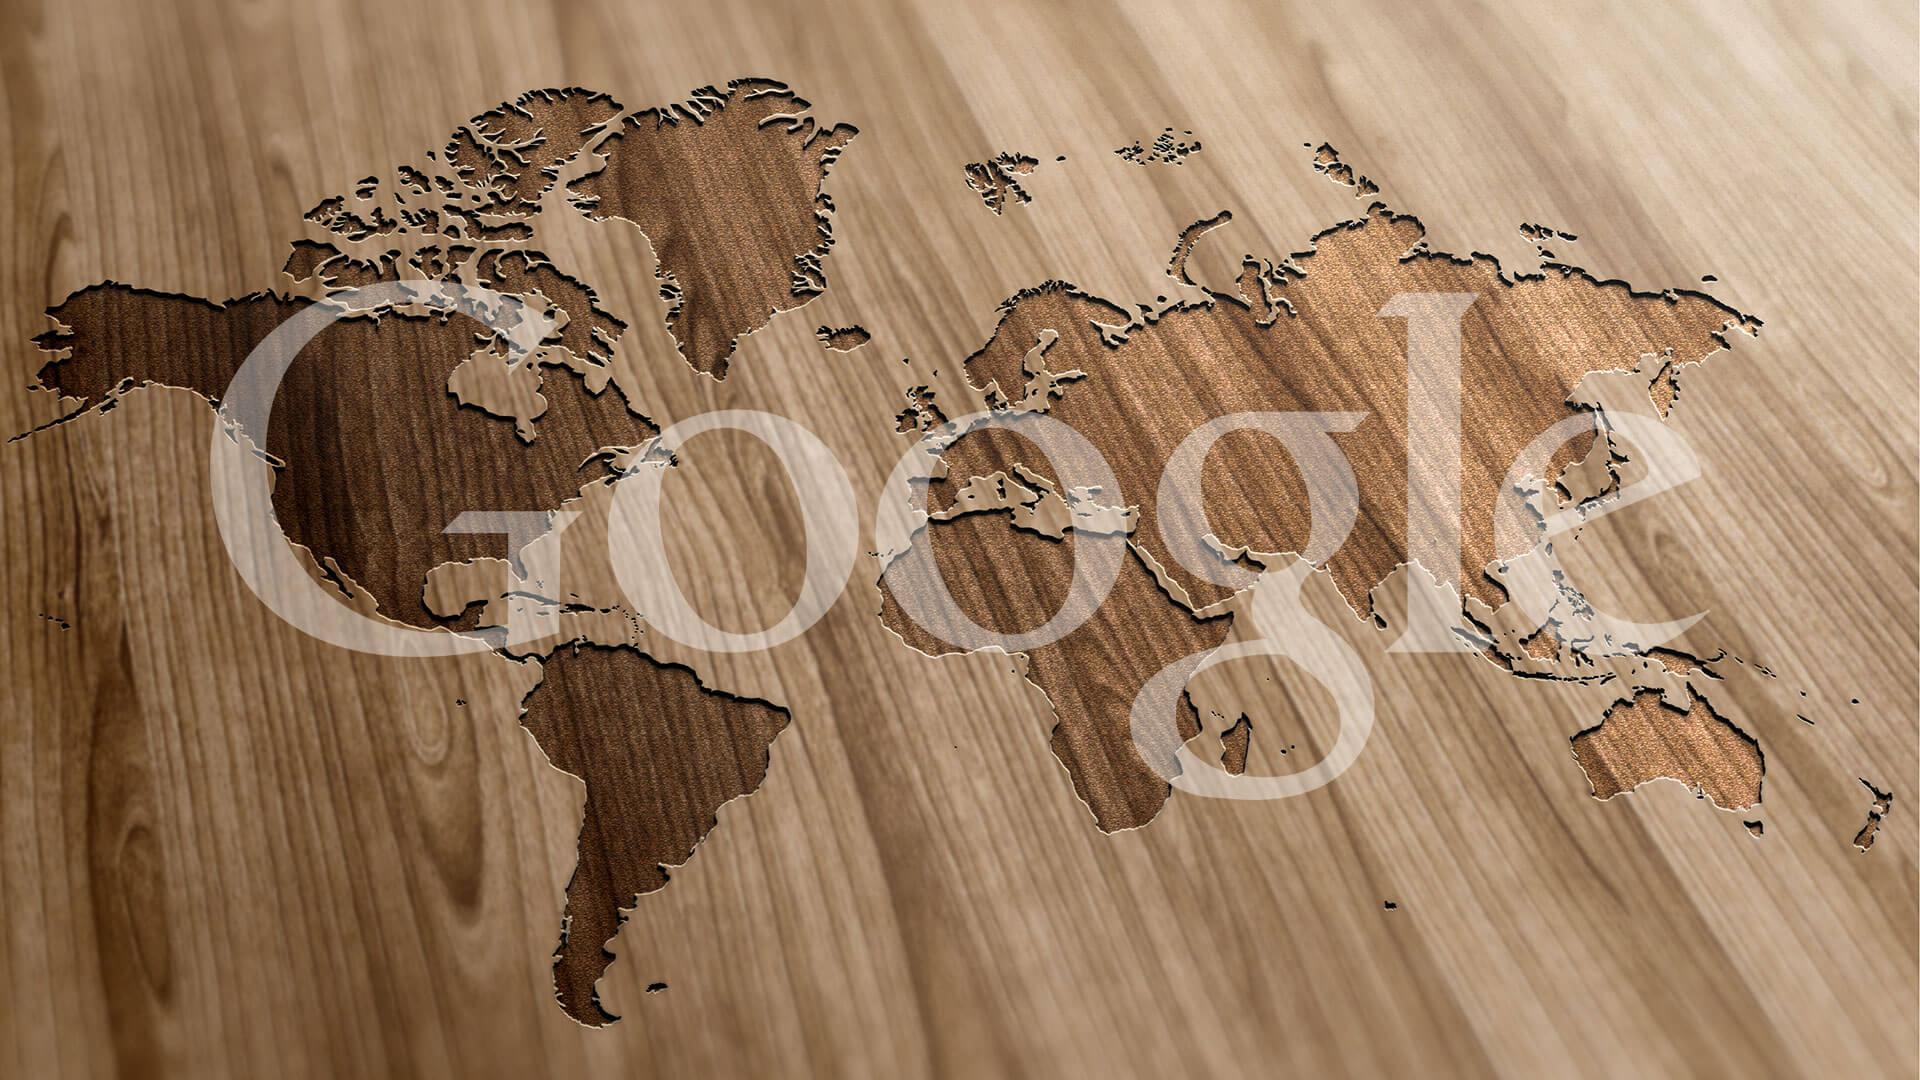 La guía de supervivencia local posterior a Google